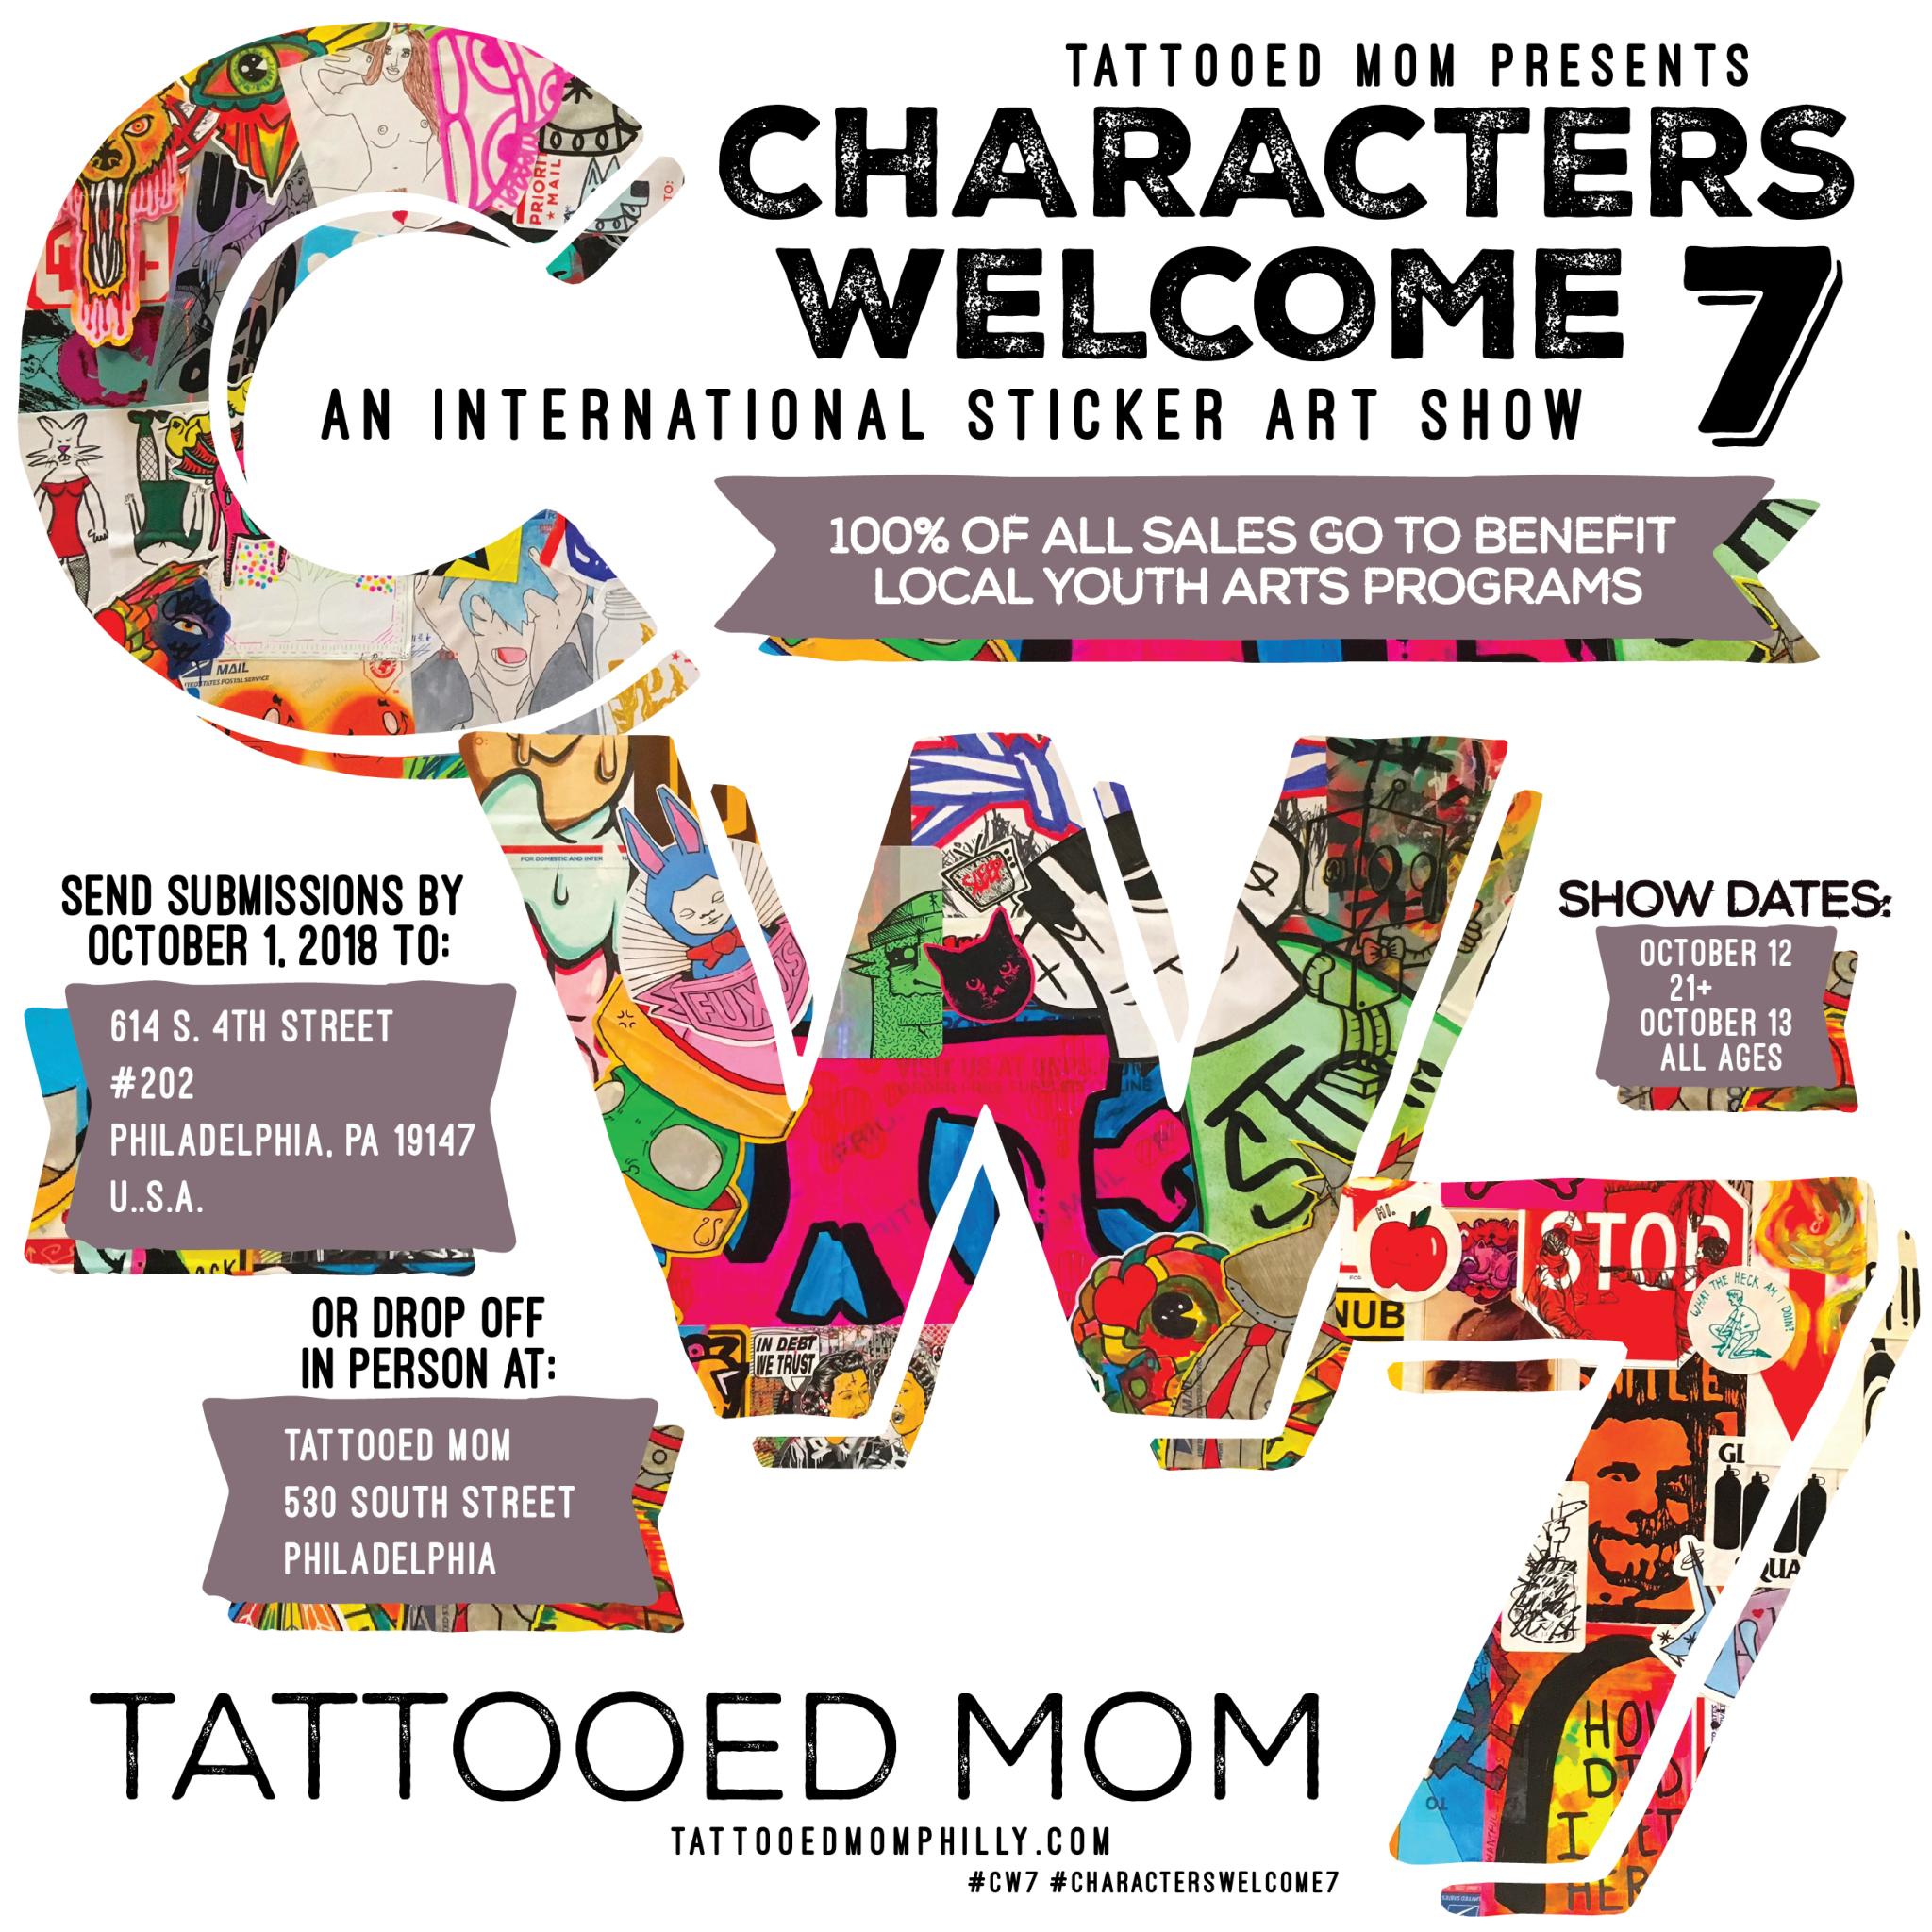 6af13b7b5d5 Characters Welcome 7  An International Sticker Art Show